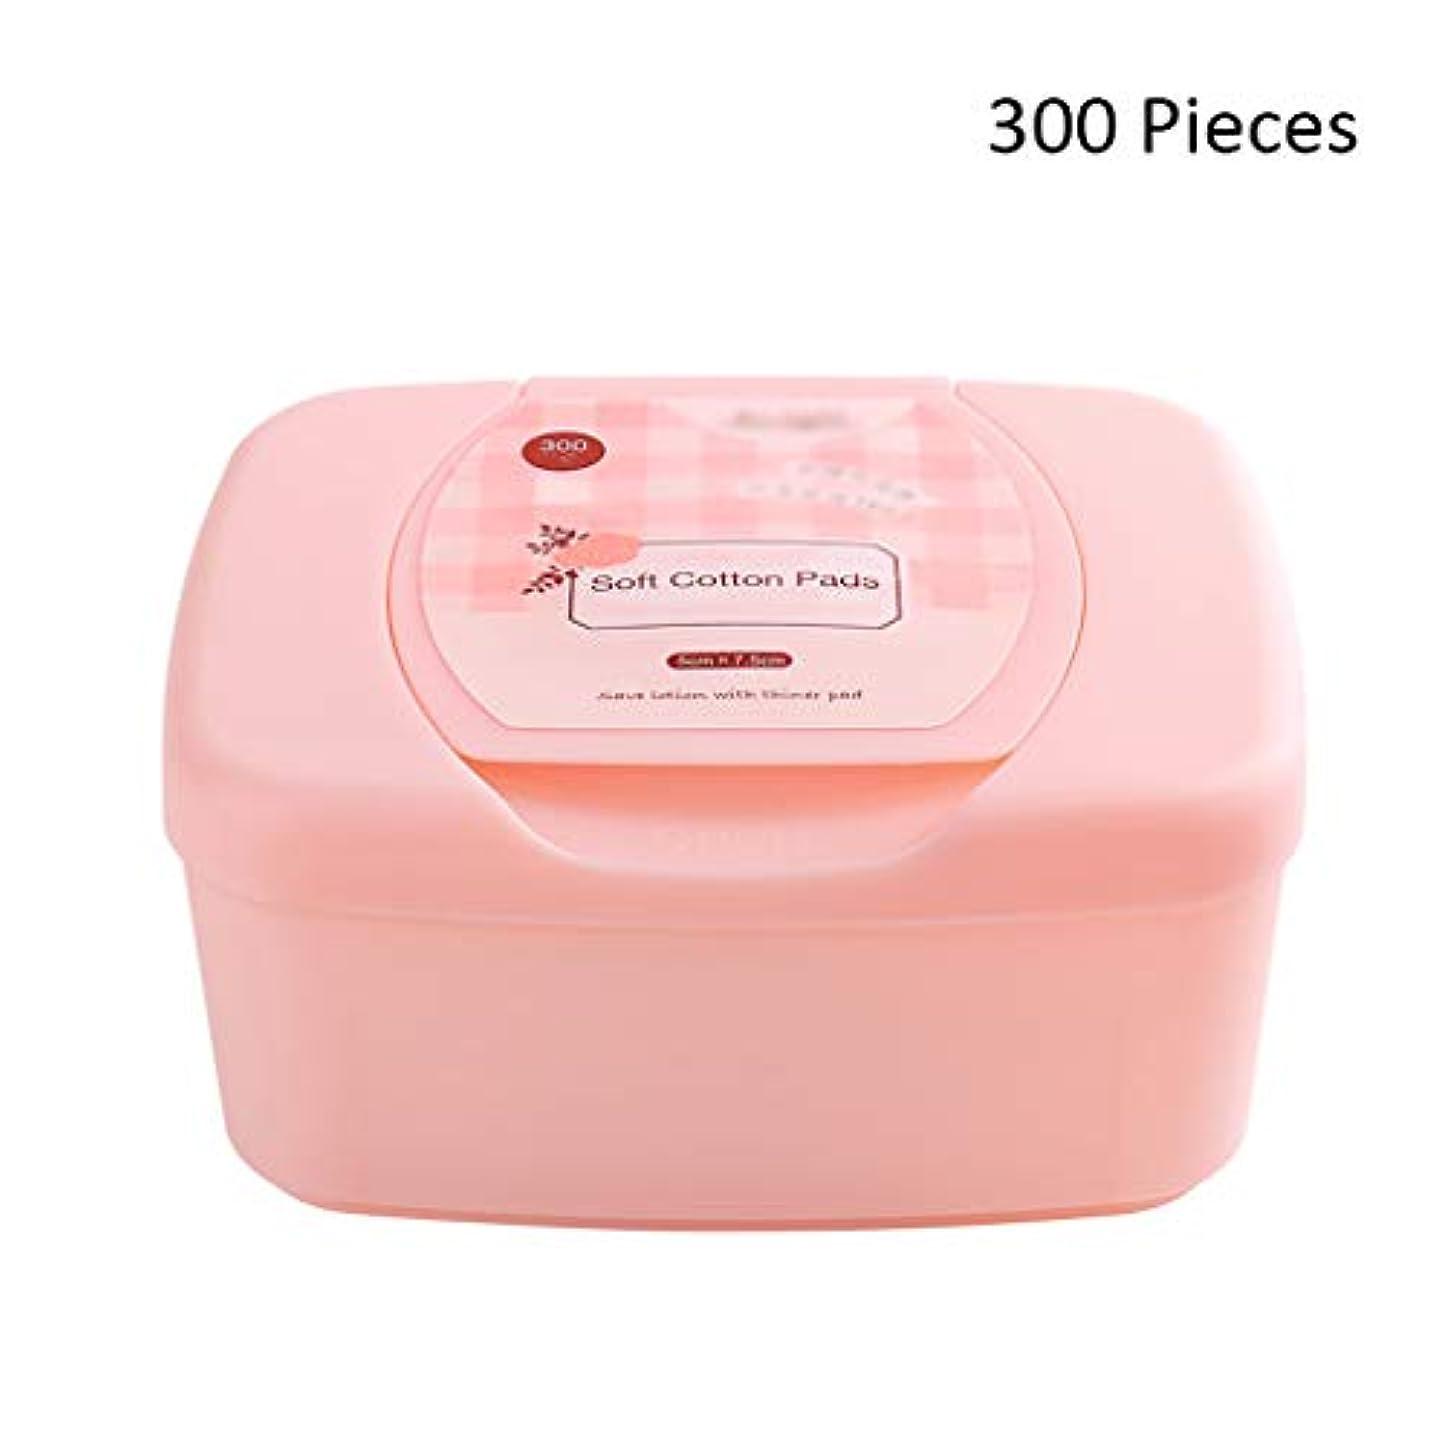 を除く適格日付付き化粧パッド 300ピース顔メイクコットンワイプフェイスクレンジングパフネイルポリッシュリムーバーリムーバブル化粧品スキンケアパッド付きケース メイク落とし化粧パッド (Color : Pink, サイズ : 7.5*5cm)